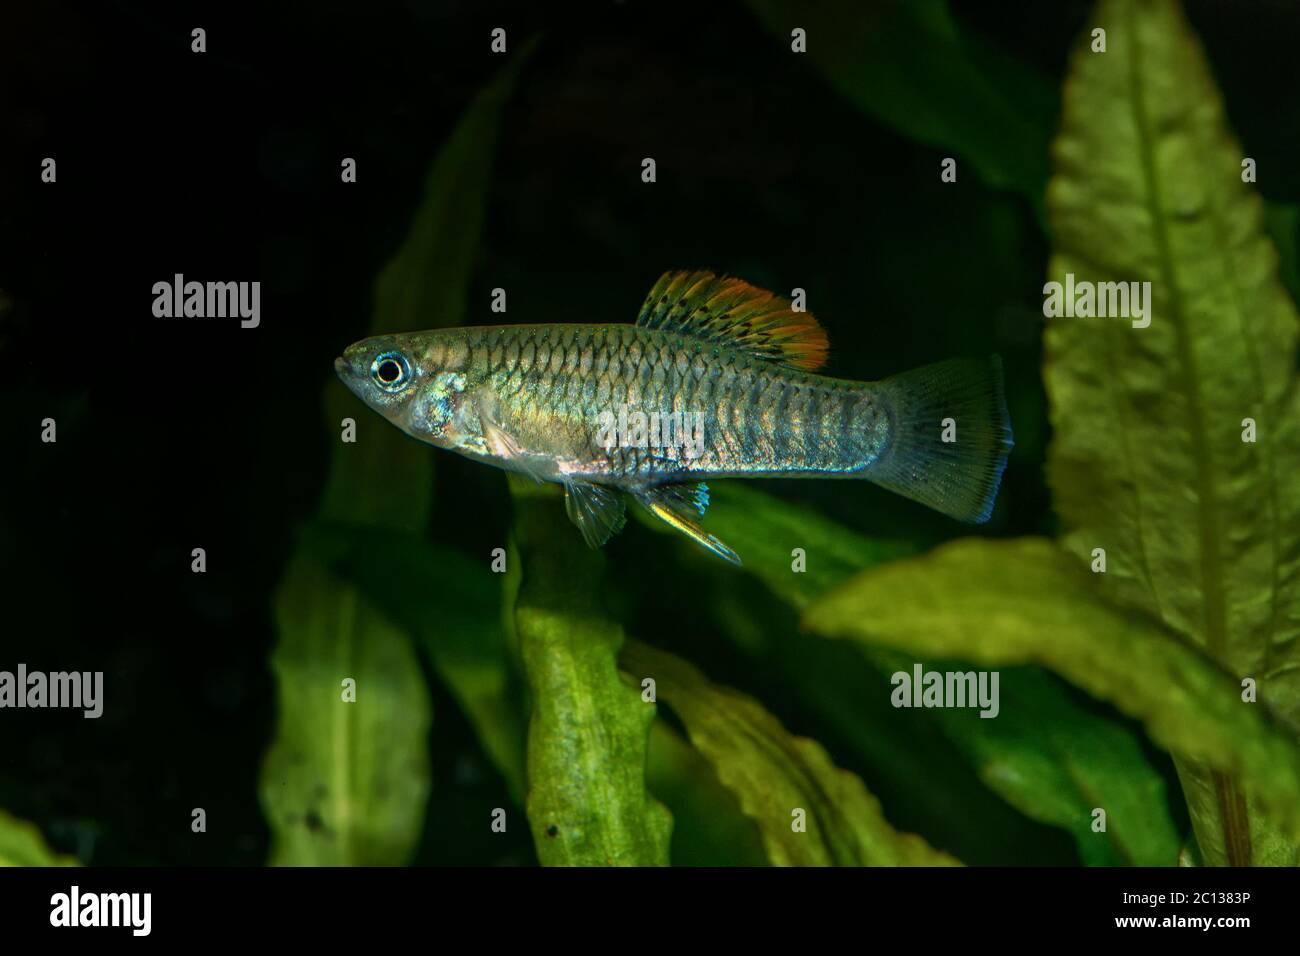 Portrait of livebearer fish (Brachyrhaphis roseni) in aquarium Stock Photo